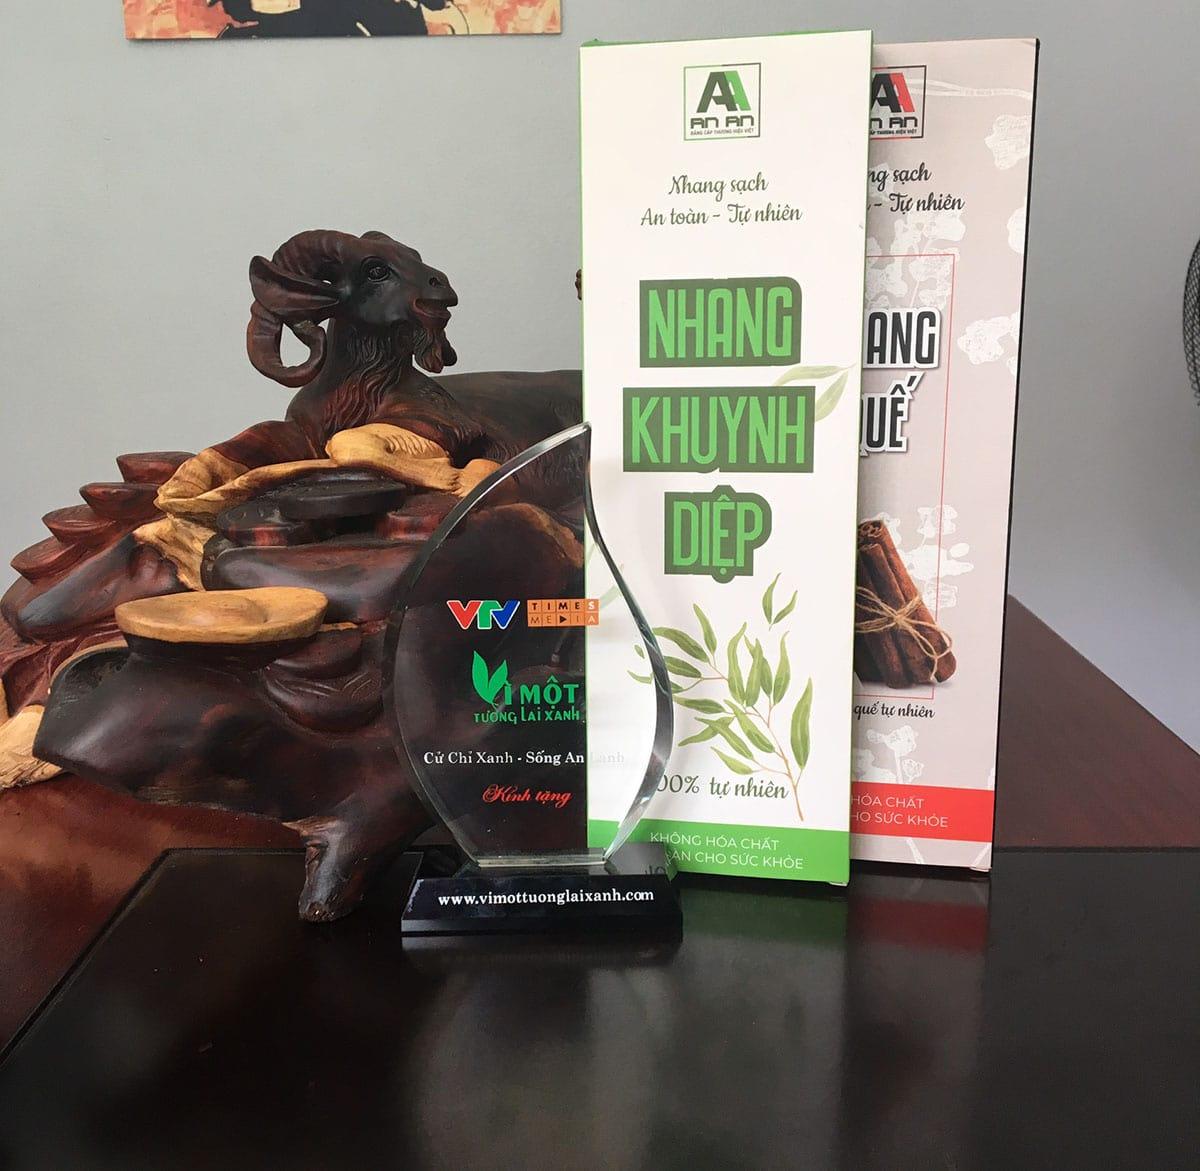 Sản phẩm sạch Anan bảo vệ sức khỏe người tiêu dùng thời đại mới